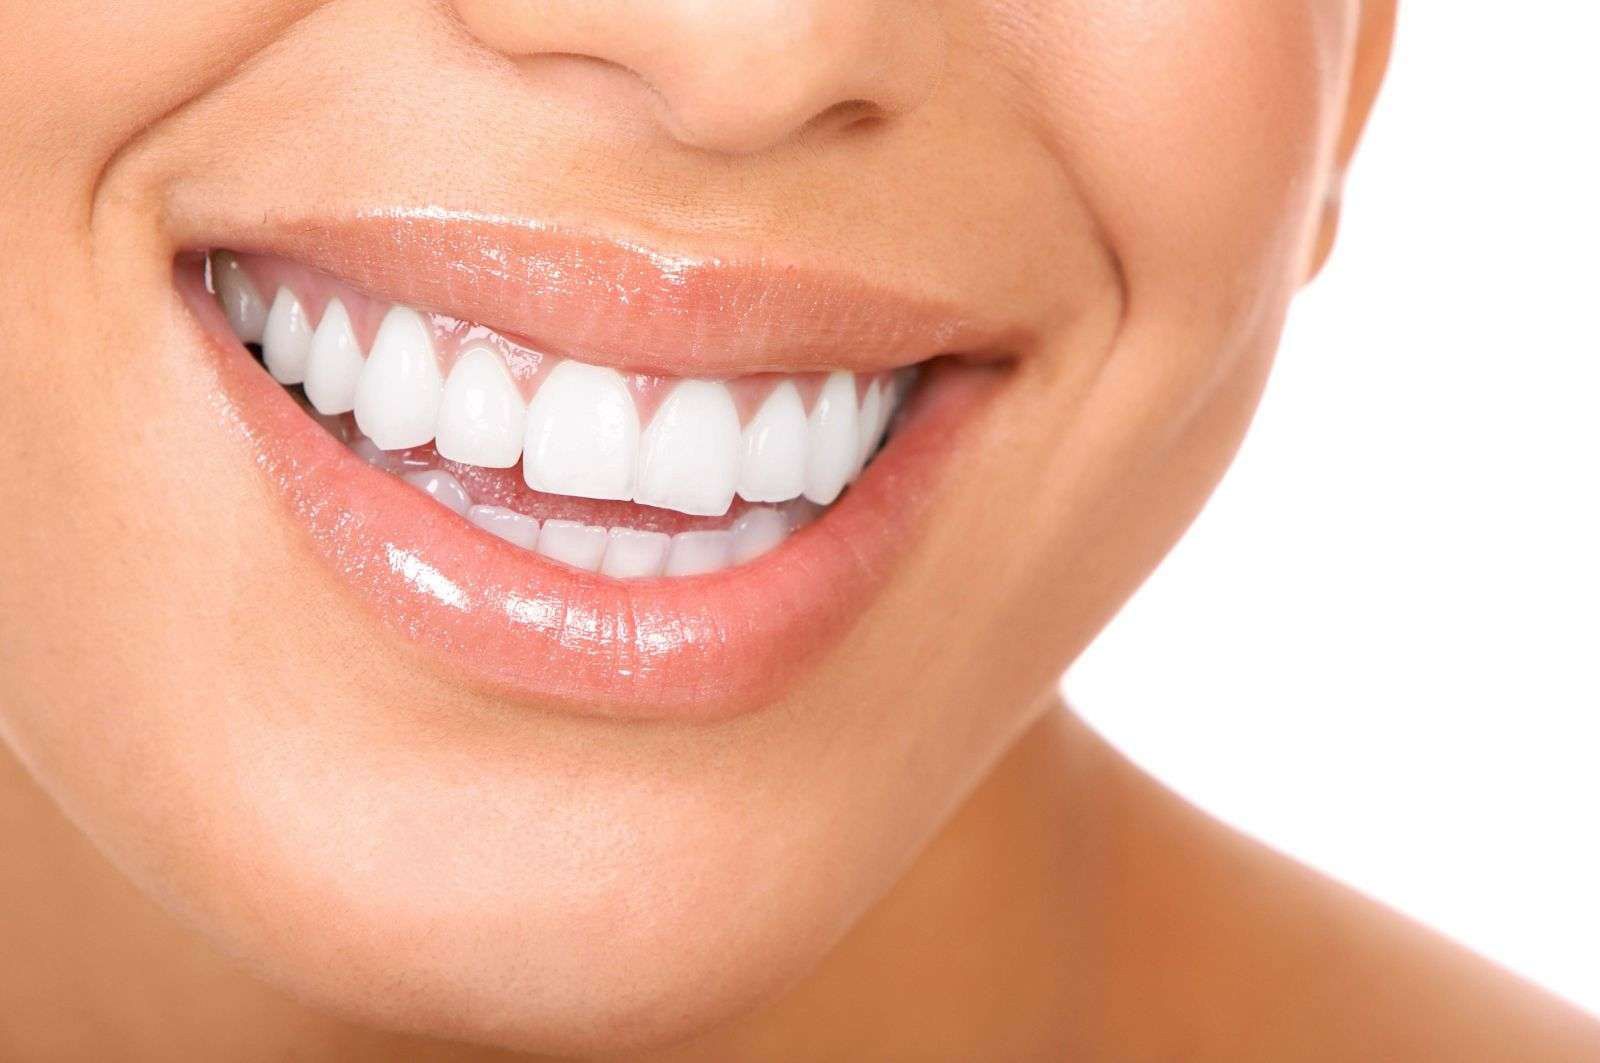 Обнаружен механизм борьбы зубов с инфекциями